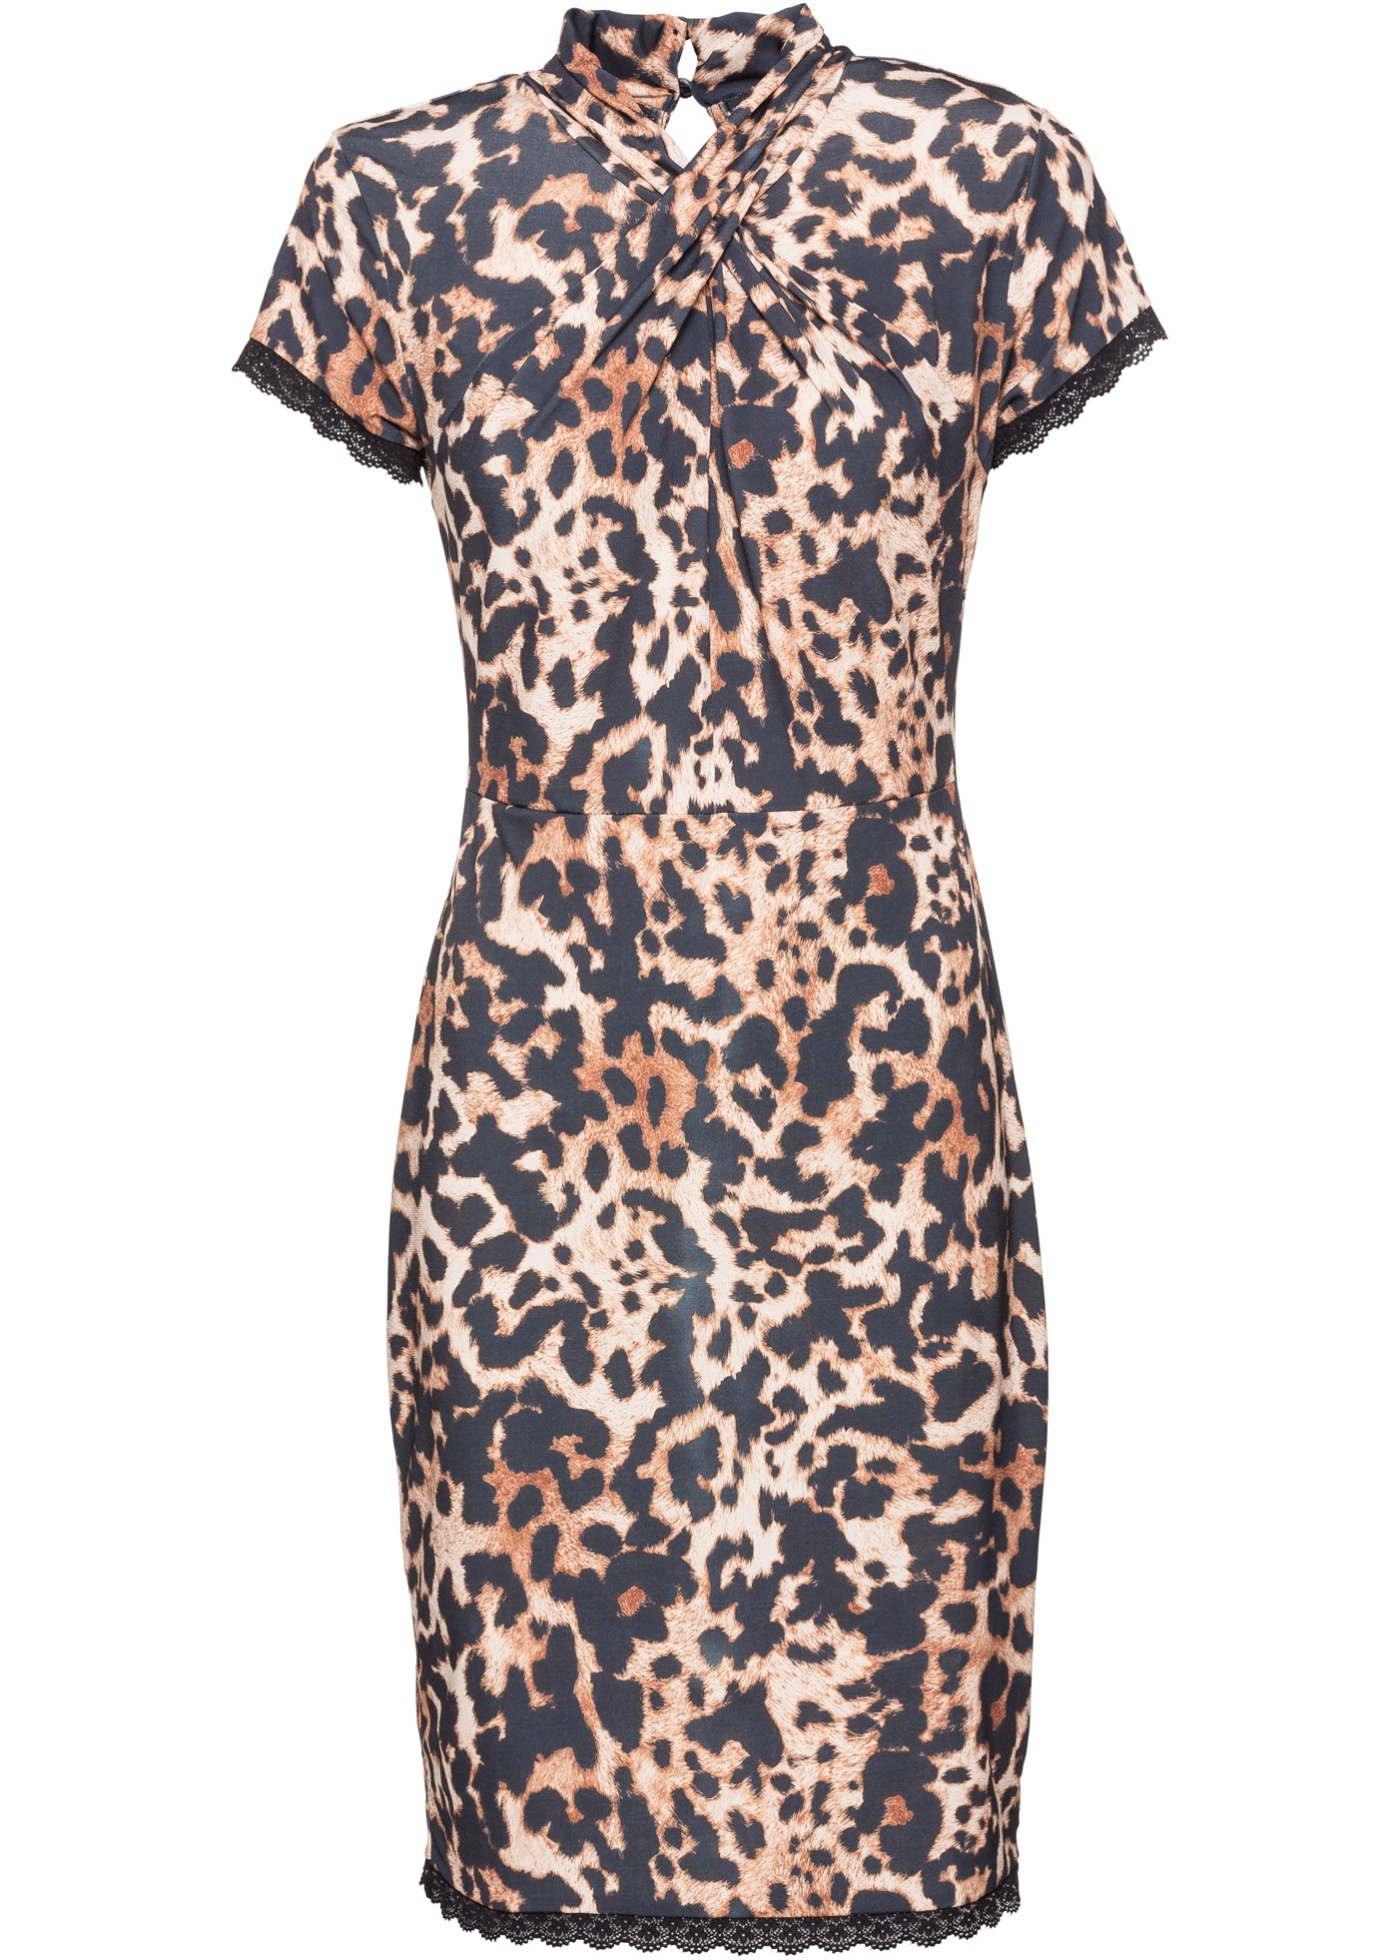 BODYFLIRT boutique Bonprix - robe d été Robe léopard à dentelle noir  manches courtes pour femme. New BODYFLIRT boutique Bonprix - robe ... 2debc87e53e0